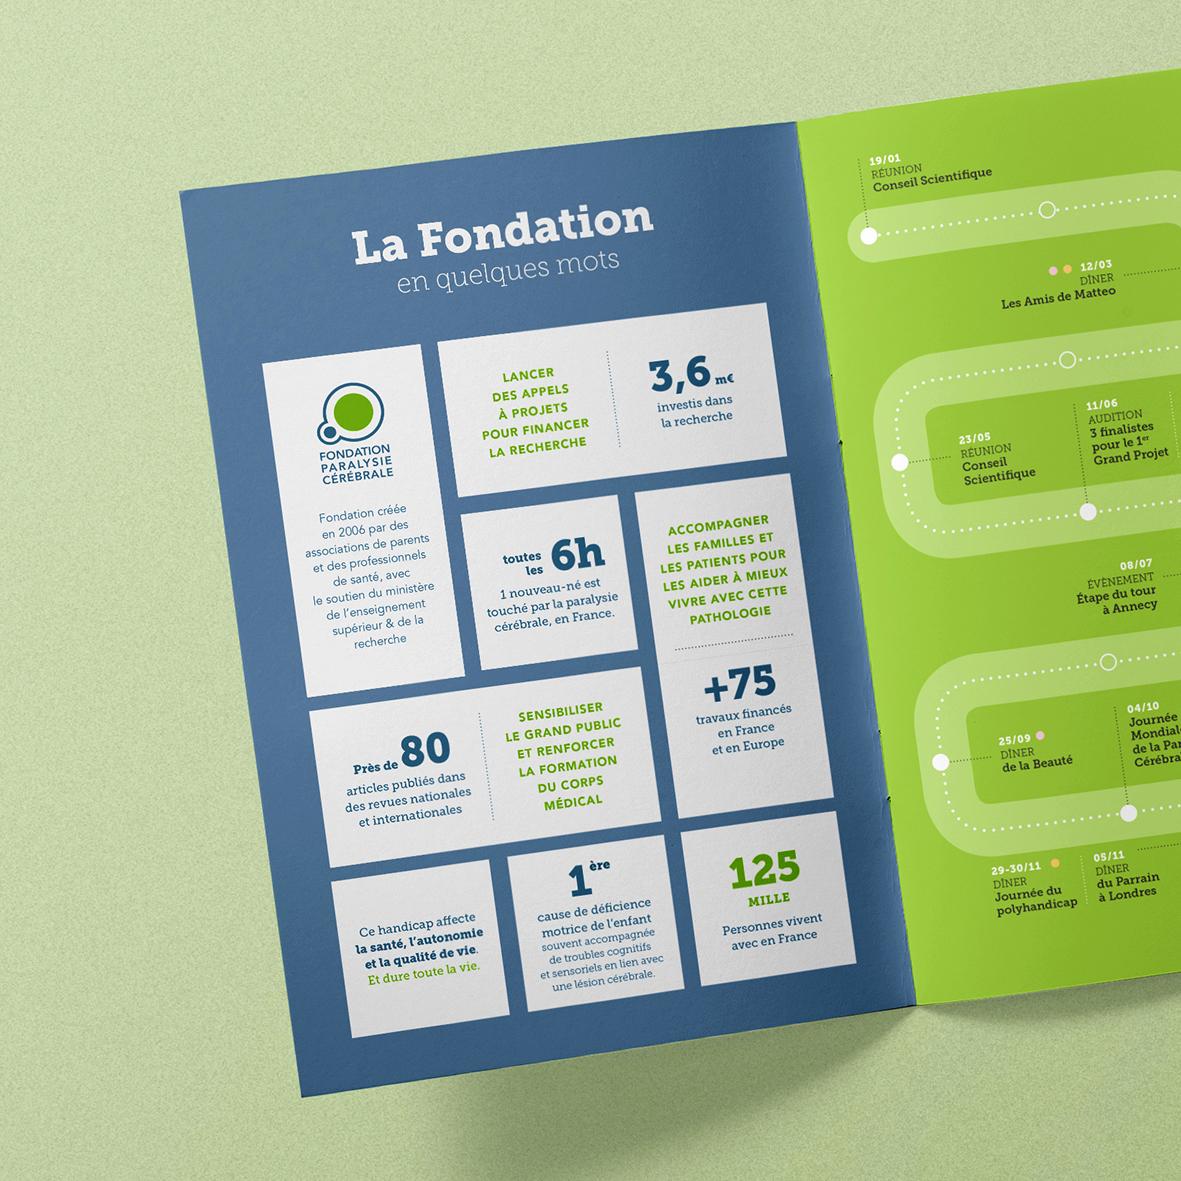 designer graphique freelance - rapport d'activité Fondation Paralysie Cérébrale